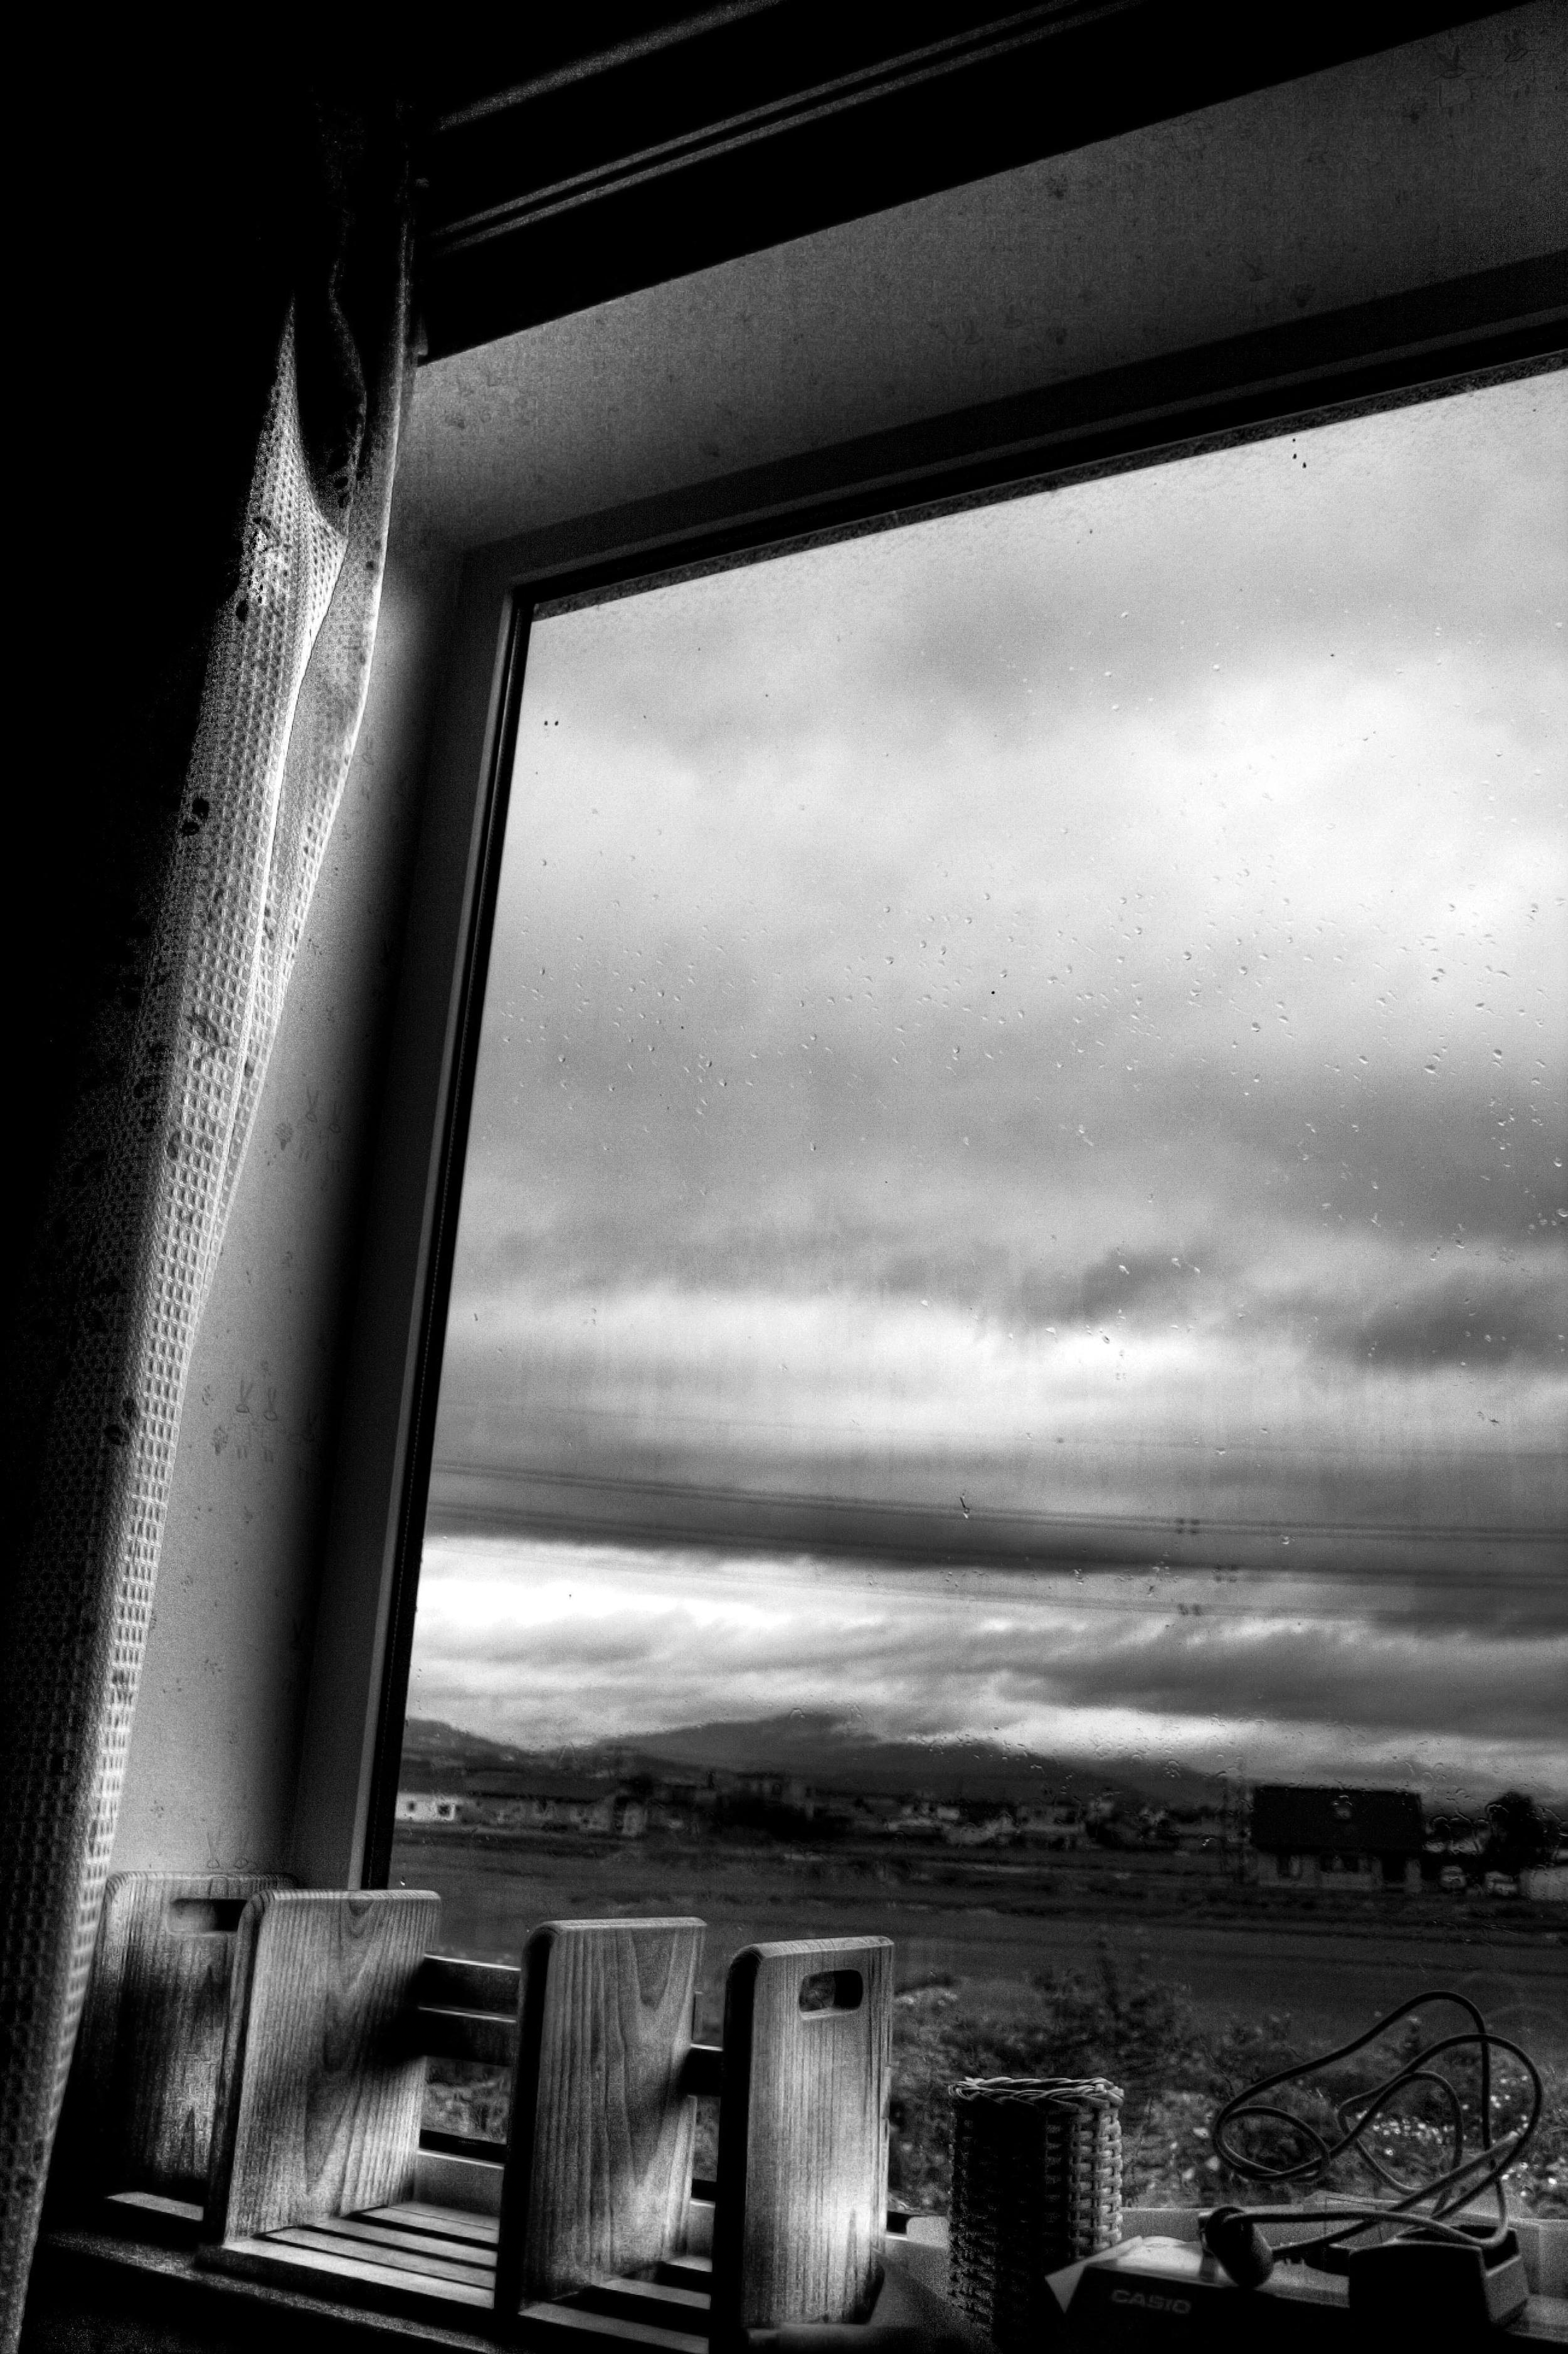 Through The Window (Kunebetsu, Hokkaido)